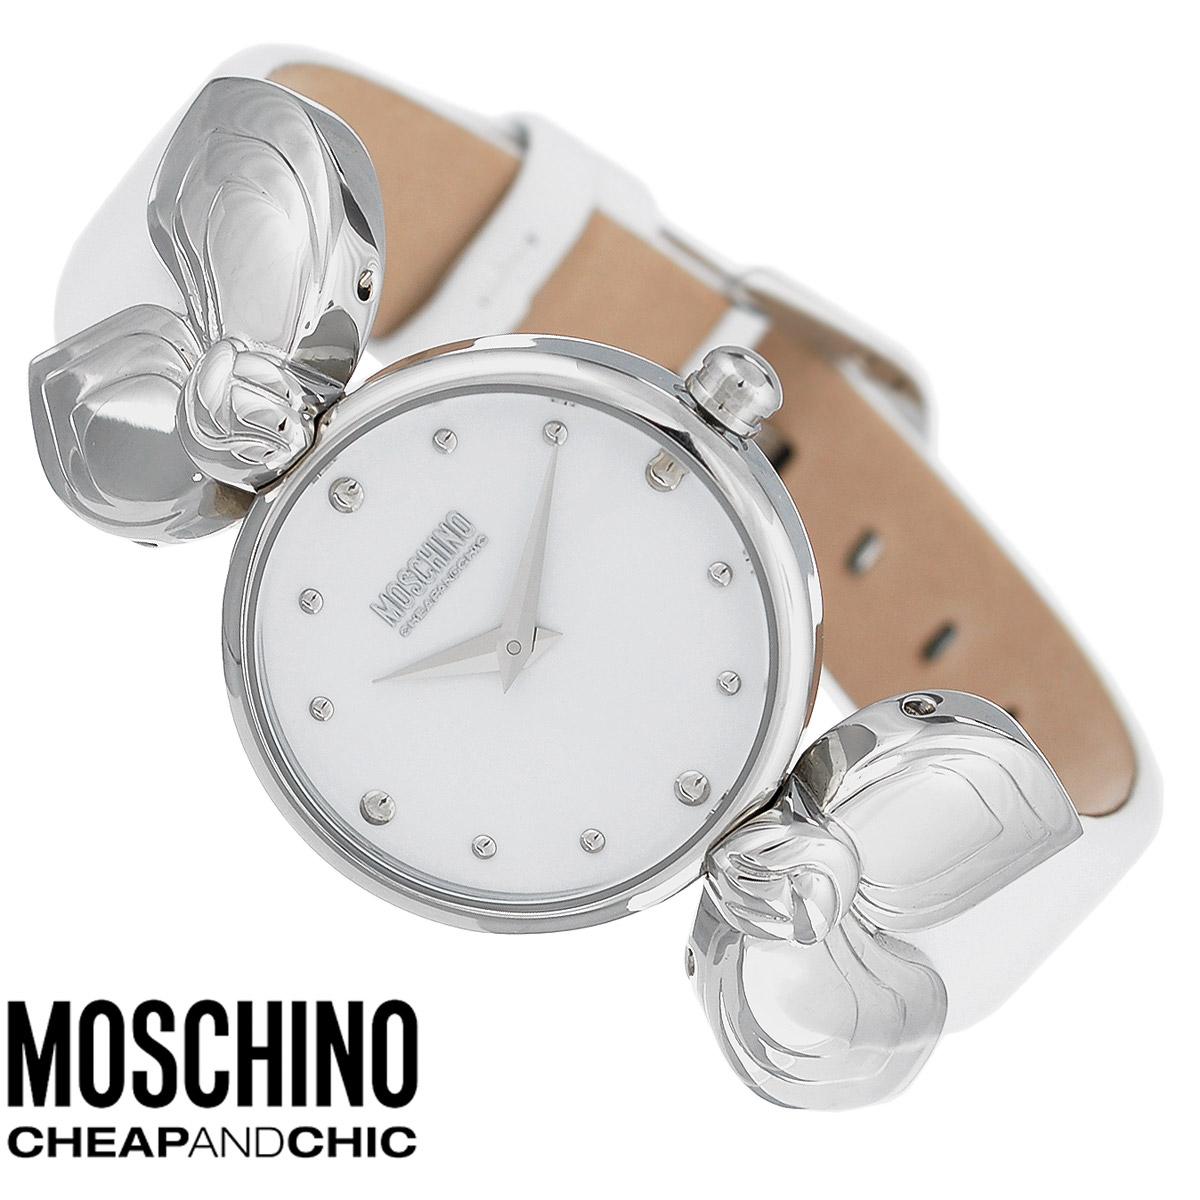 Часы женские наручные Moschino, цвет: белый. MW0308EQW-M710DB-1A1Наручные часы от известного итальянского бренда Moschino - это не только стильный и функциональный аксессуар, но и современные технологи, сочетающиеся с экстравагантным дизайном и индивидуальностью. Часы Moschino оснащены кварцевым механизмом. Корпус выполнен из высококачественной нержавеющей стали. Циферблат с отметками защищен минеральным стеклом. Часы имеют две стрелки - часовую и минутную. Ремешок часов выполнен из натуральной кожи и оснащен классической застежкой. Часы упакованы в фирменную металлическую коробку с логотипом бренда. Часы Moschino благодаря своему уникальному дизайну отличаются от часов других марок своеобразными циферблатами, функциональностью, а также набором уникальных технических свойств. Каждой модели присуща легкая экстравагантность, самобытность и, безусловно, великолепный вкус. Характеристики:Диаметр циферблата: 2,7 см.Размер корпуса: 3 см х 3 см х 0,7 см.Длина ремешка (с корпусом): 22 см.Ширина ремешка: 1,5 см.